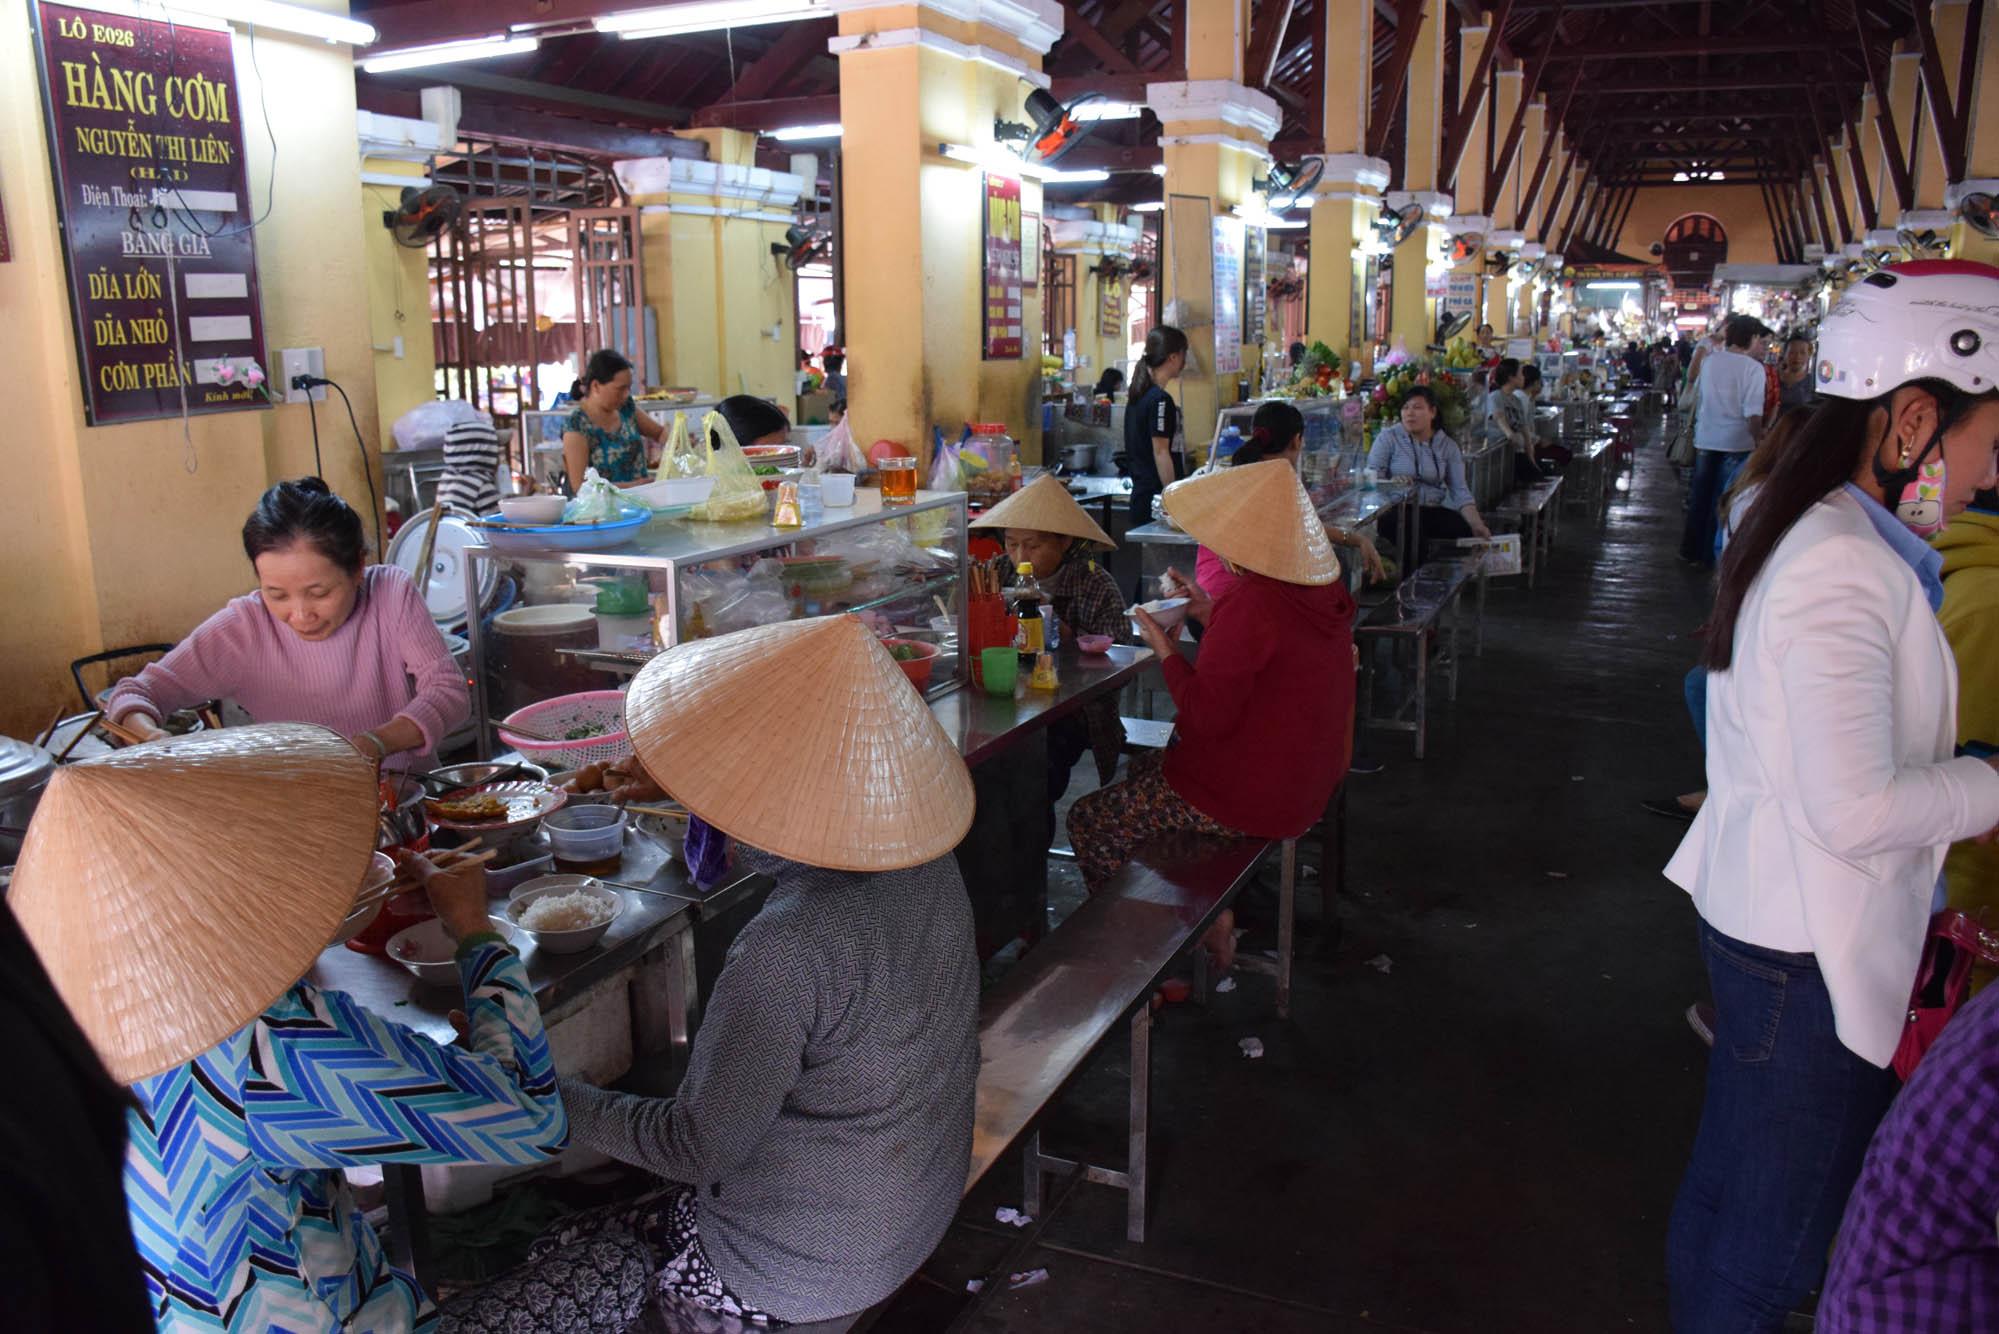 Vietnamitas almoçando no mercado em Hoi An